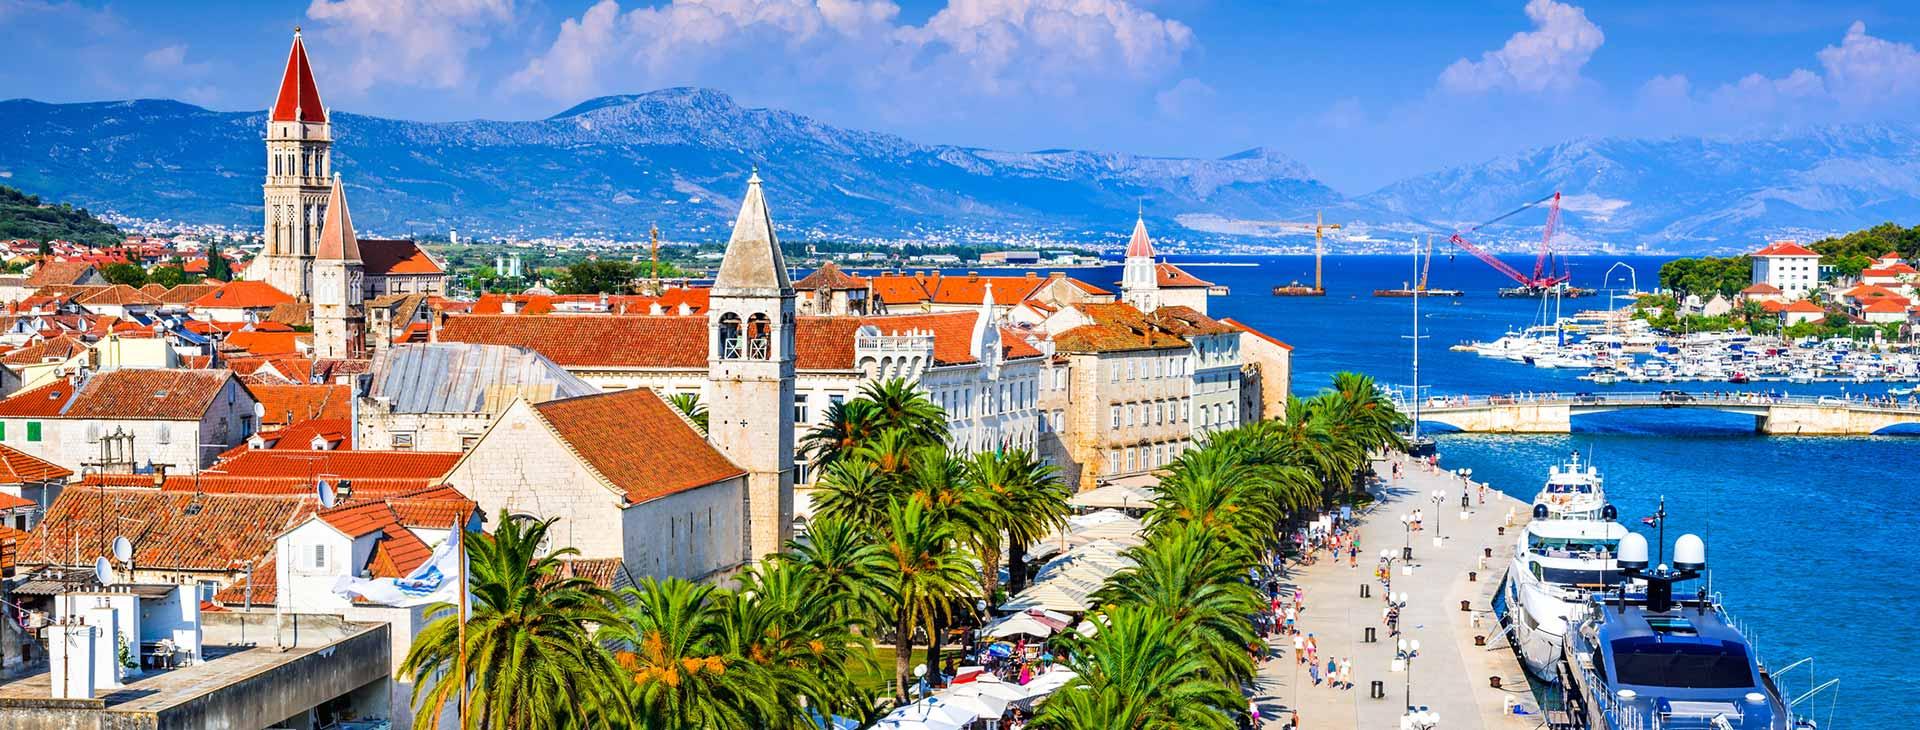 Wzdłuż Adriatyku